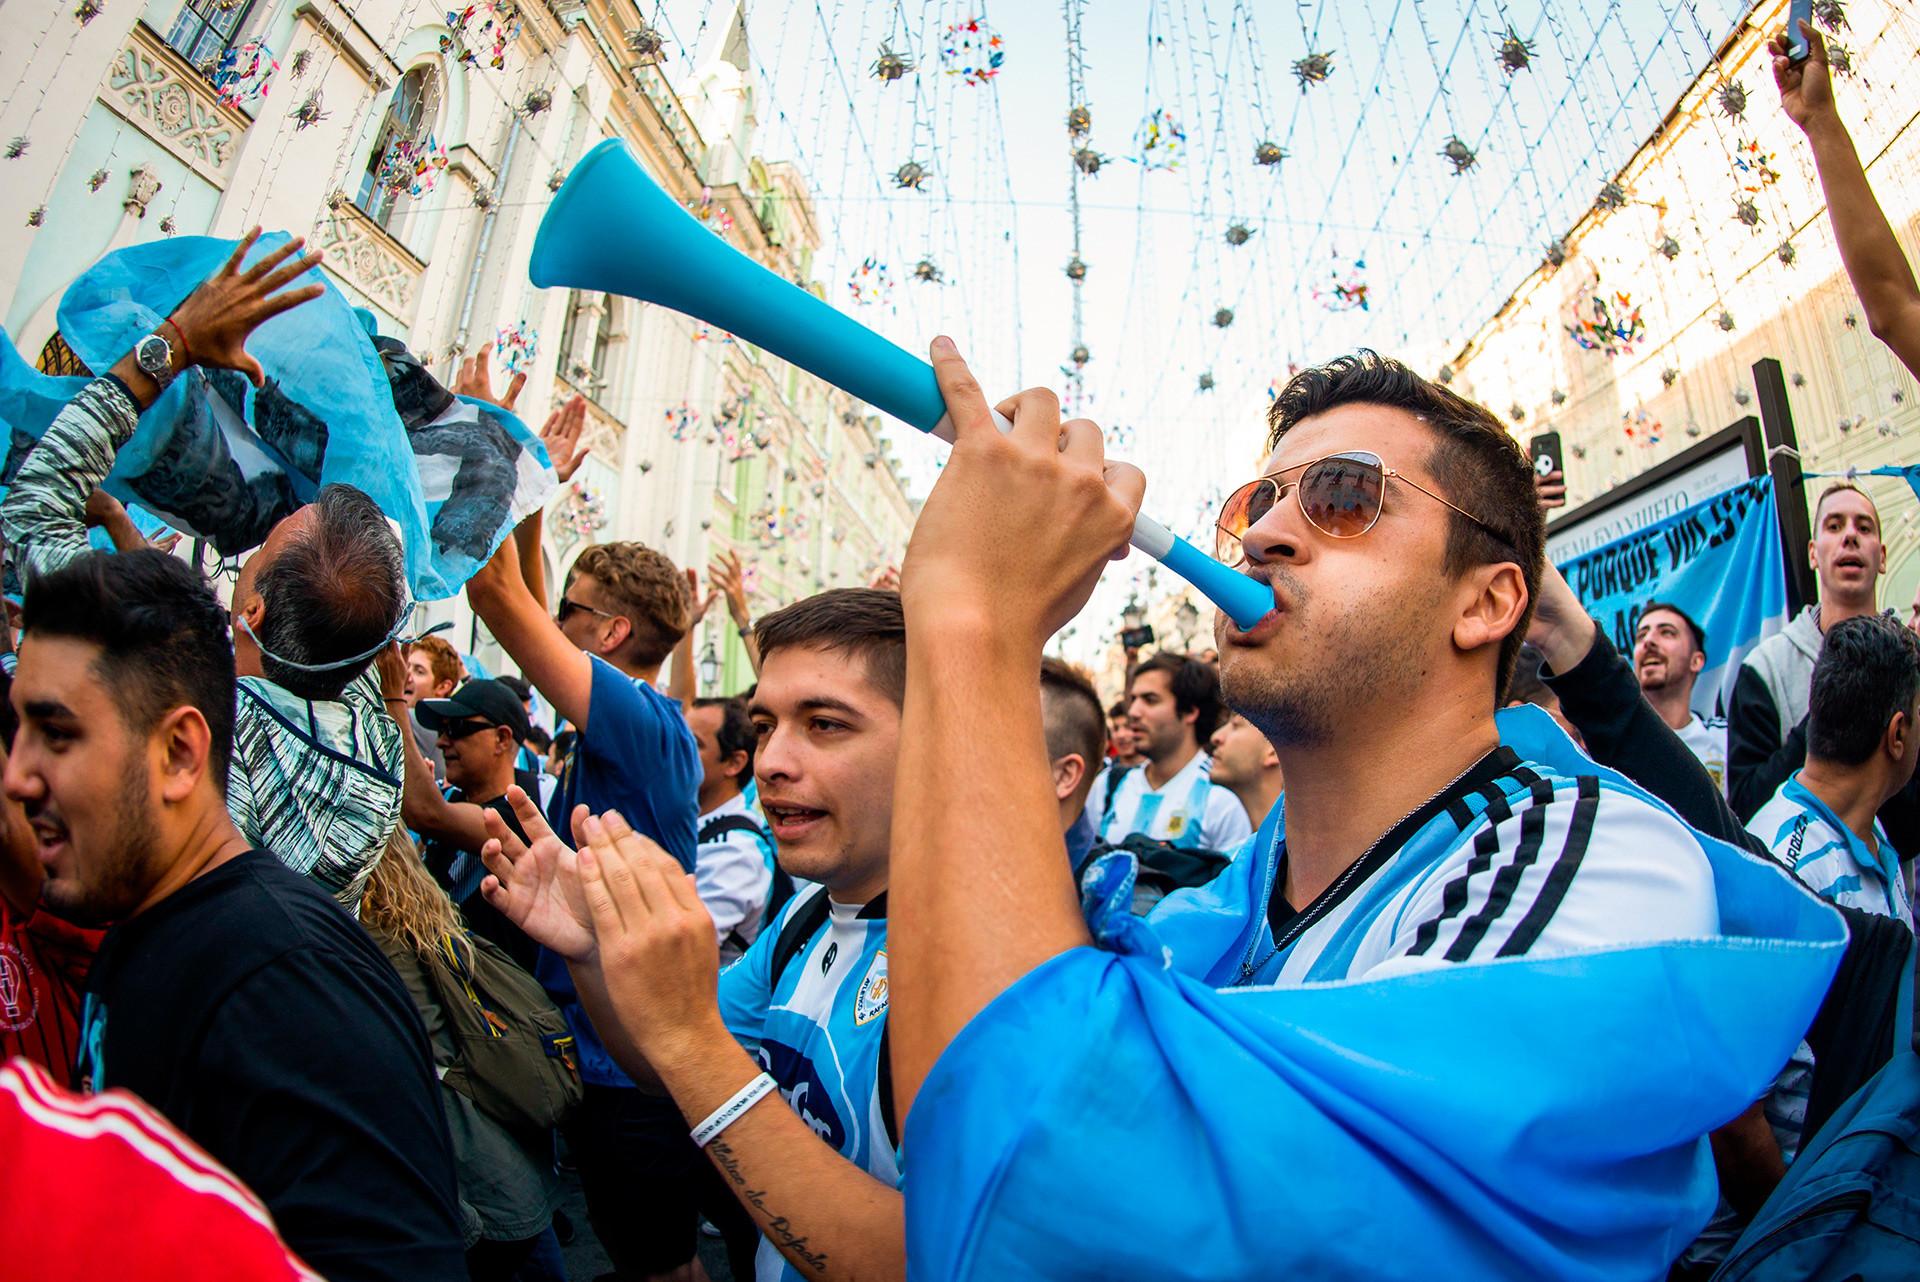 Orang-orang Argentina juga tak mau ketinggalan meramaikan pesta jalanan Amerika Selatan. Para penggemar Argentina menaruh harapan besar pada Lionel Messi supaya mampu bertanding lebih baik daripada di 2014. Tentu saja, Mesii bukanlah sembarang pemain yang tak bisa diandalkan!